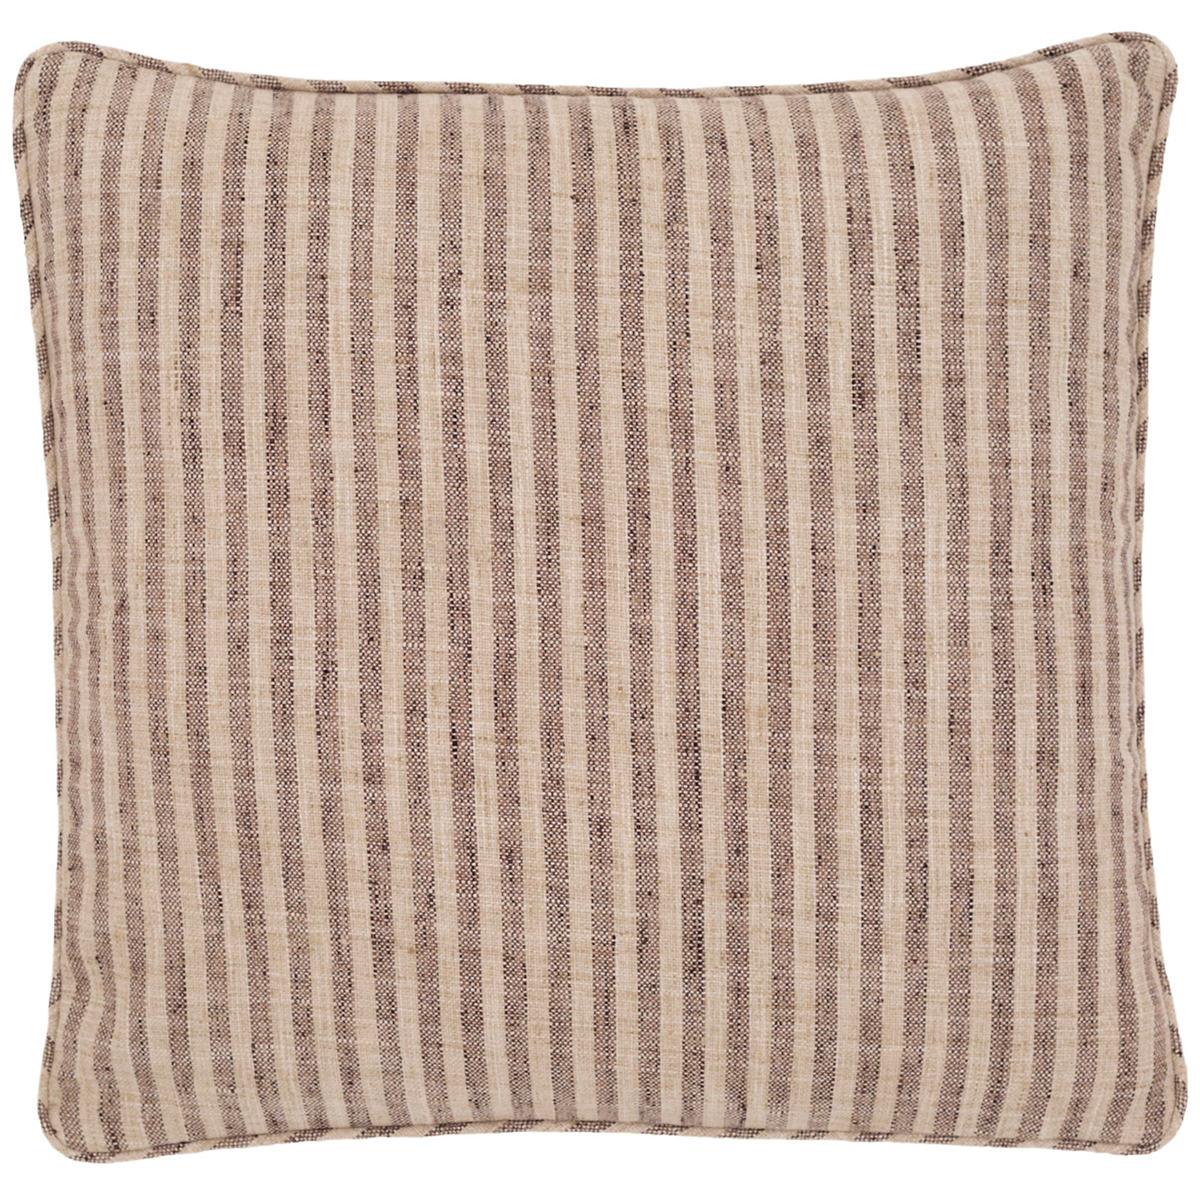 Adams Ticking Brown Indoor/Outdoor Decorative Pillow